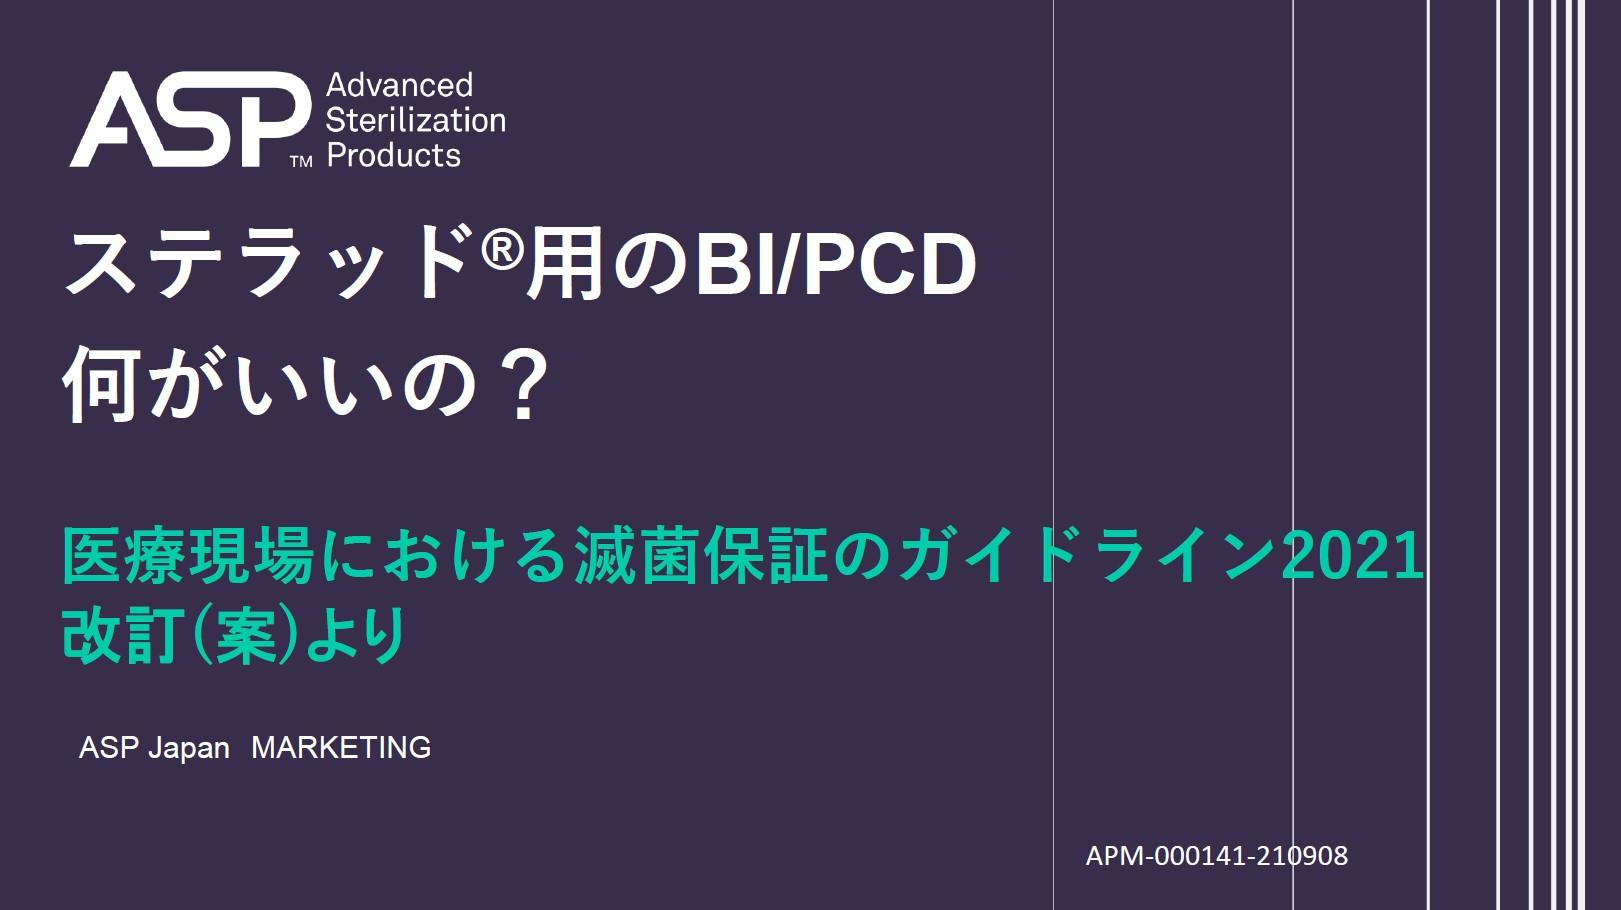 ステラッド®用バイオロジカルインジケーターとPCDって?Vol. 1 サムネイル画像